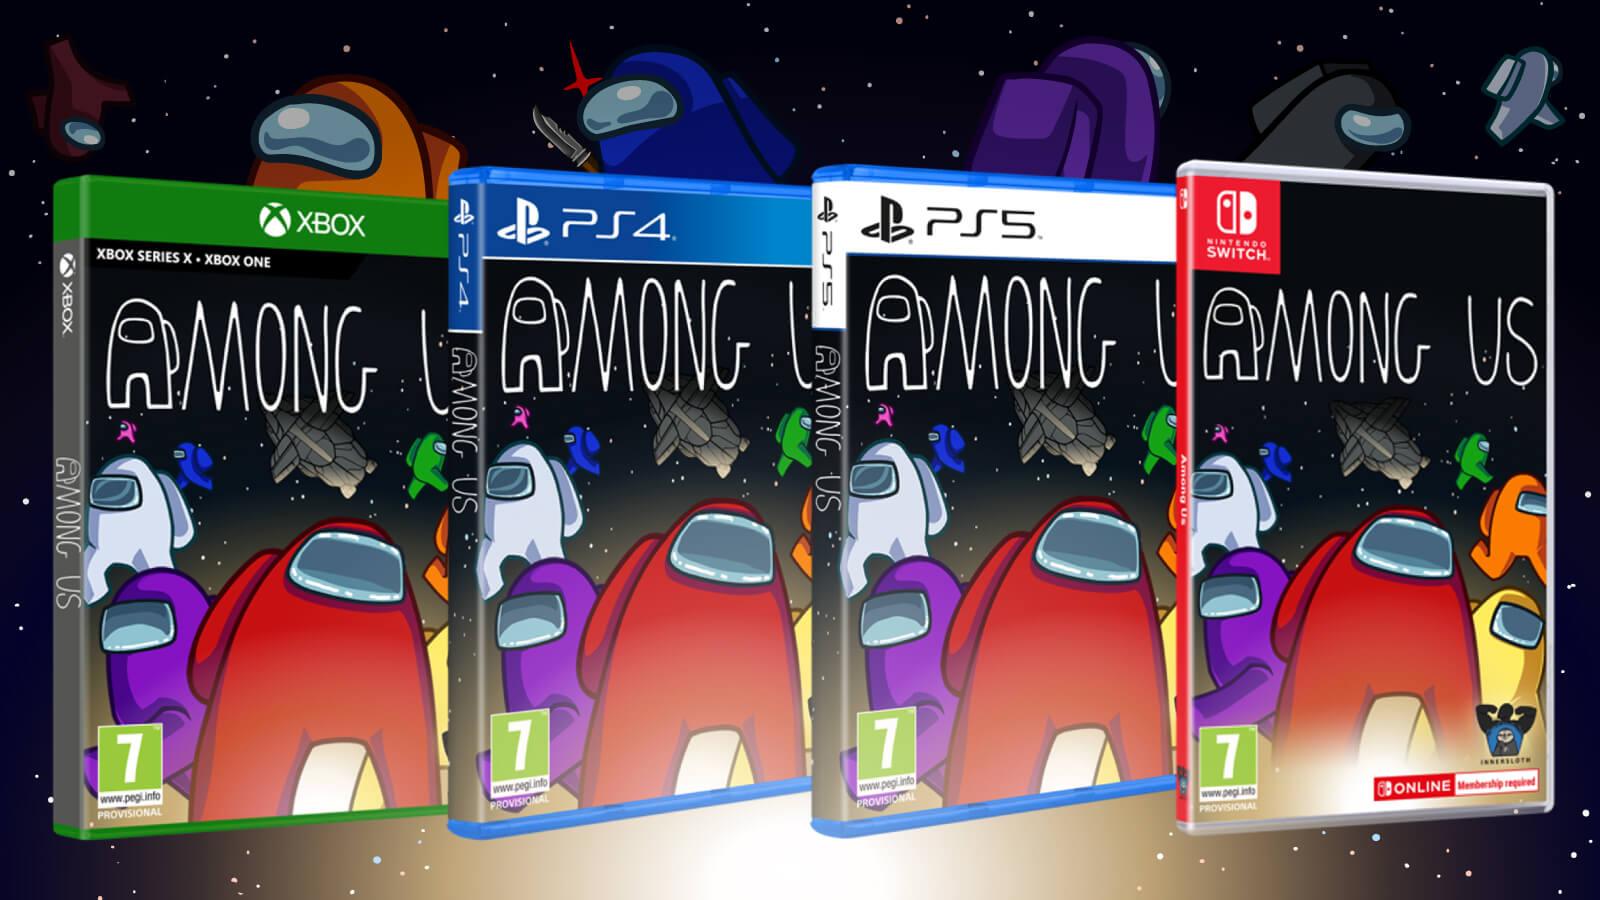 Among Us confirma lanzamiento físico en PS5 y PS4 con tres ediciones